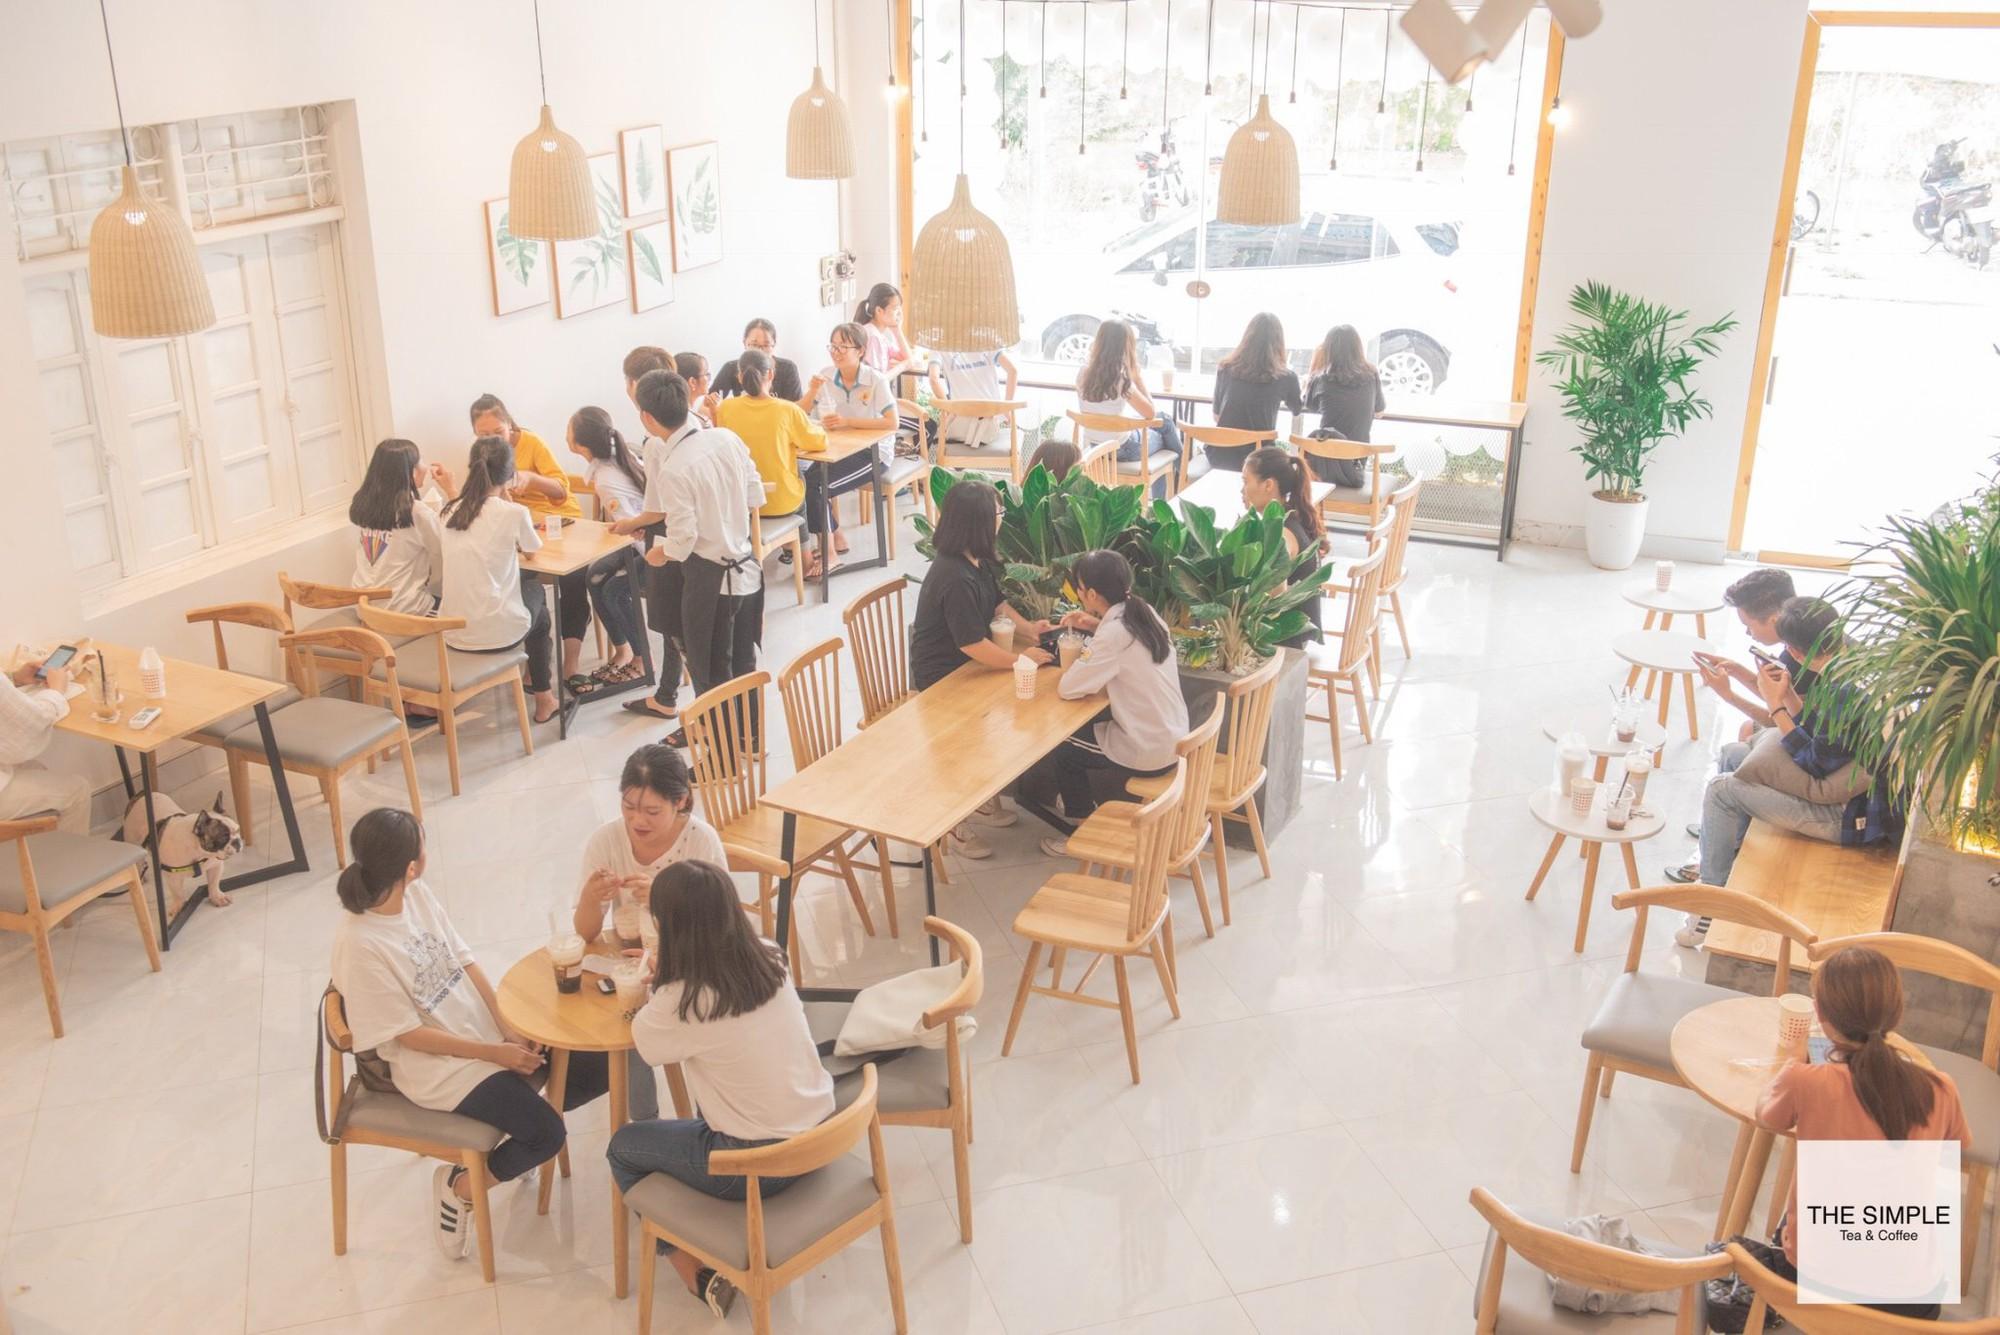 Điểm mặt thương hiệu trà sữa The Simple - đặc sản trong cộng đồng giới trẻ Hải Dương - Ảnh 7.